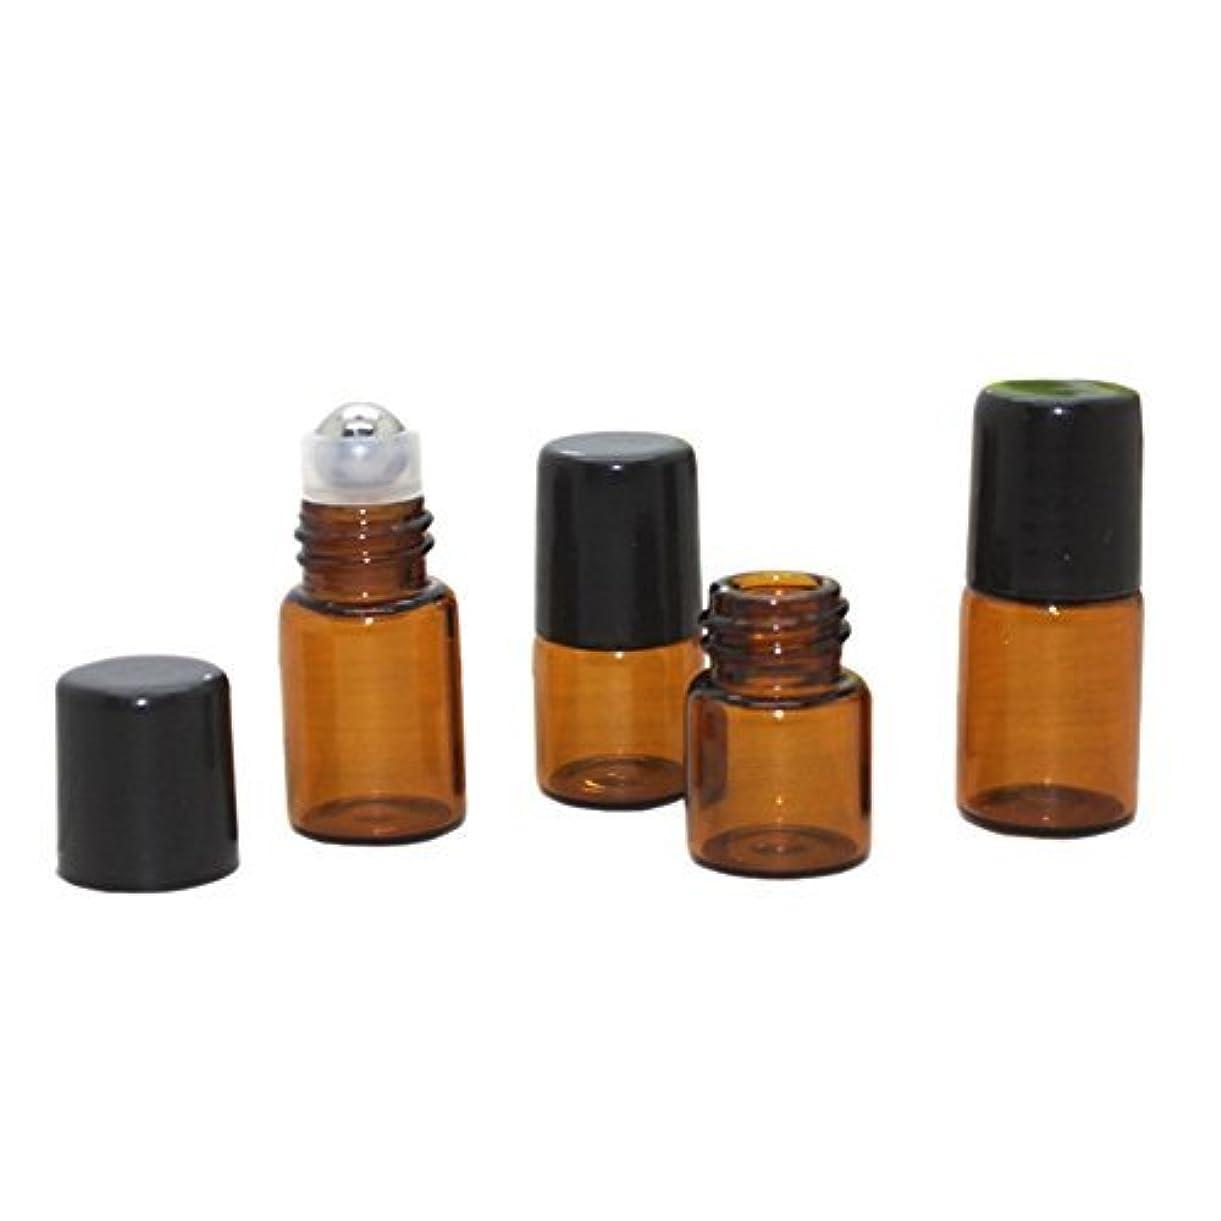 予防接種するほとんどない分布HugeStore 25 Pcs Mini Tiny Refillable Empty Essential Oil Glass Roller Bottles Aromatherapy Liquid Amber Glass...